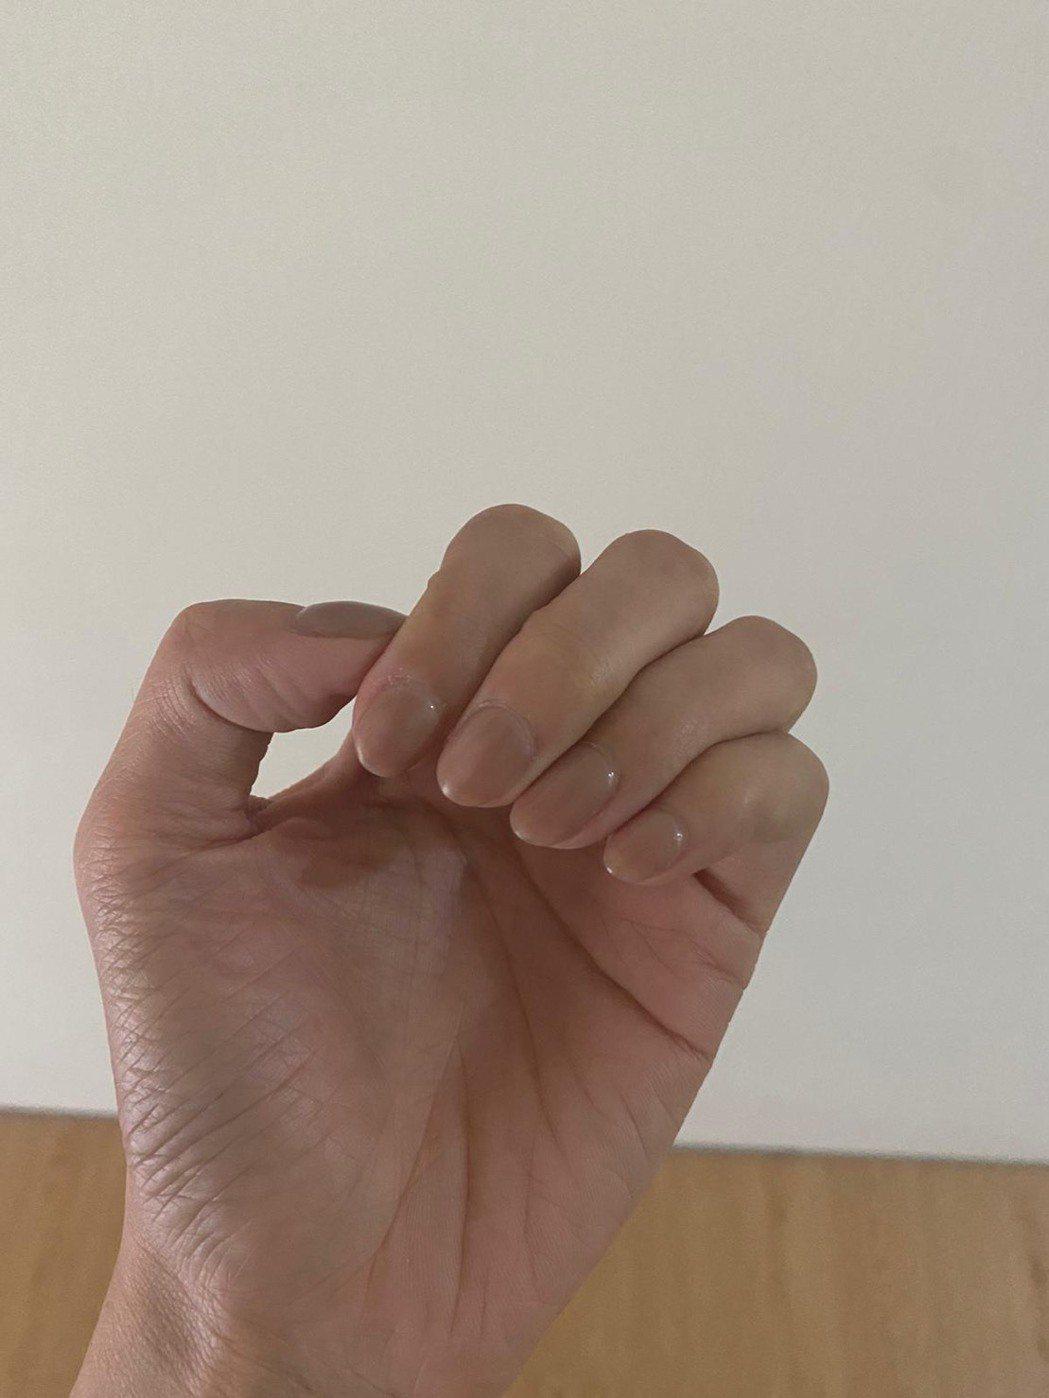 莉婭秀指甲照,澄清自己根本沒有抓傷人。圖/莉婭提供